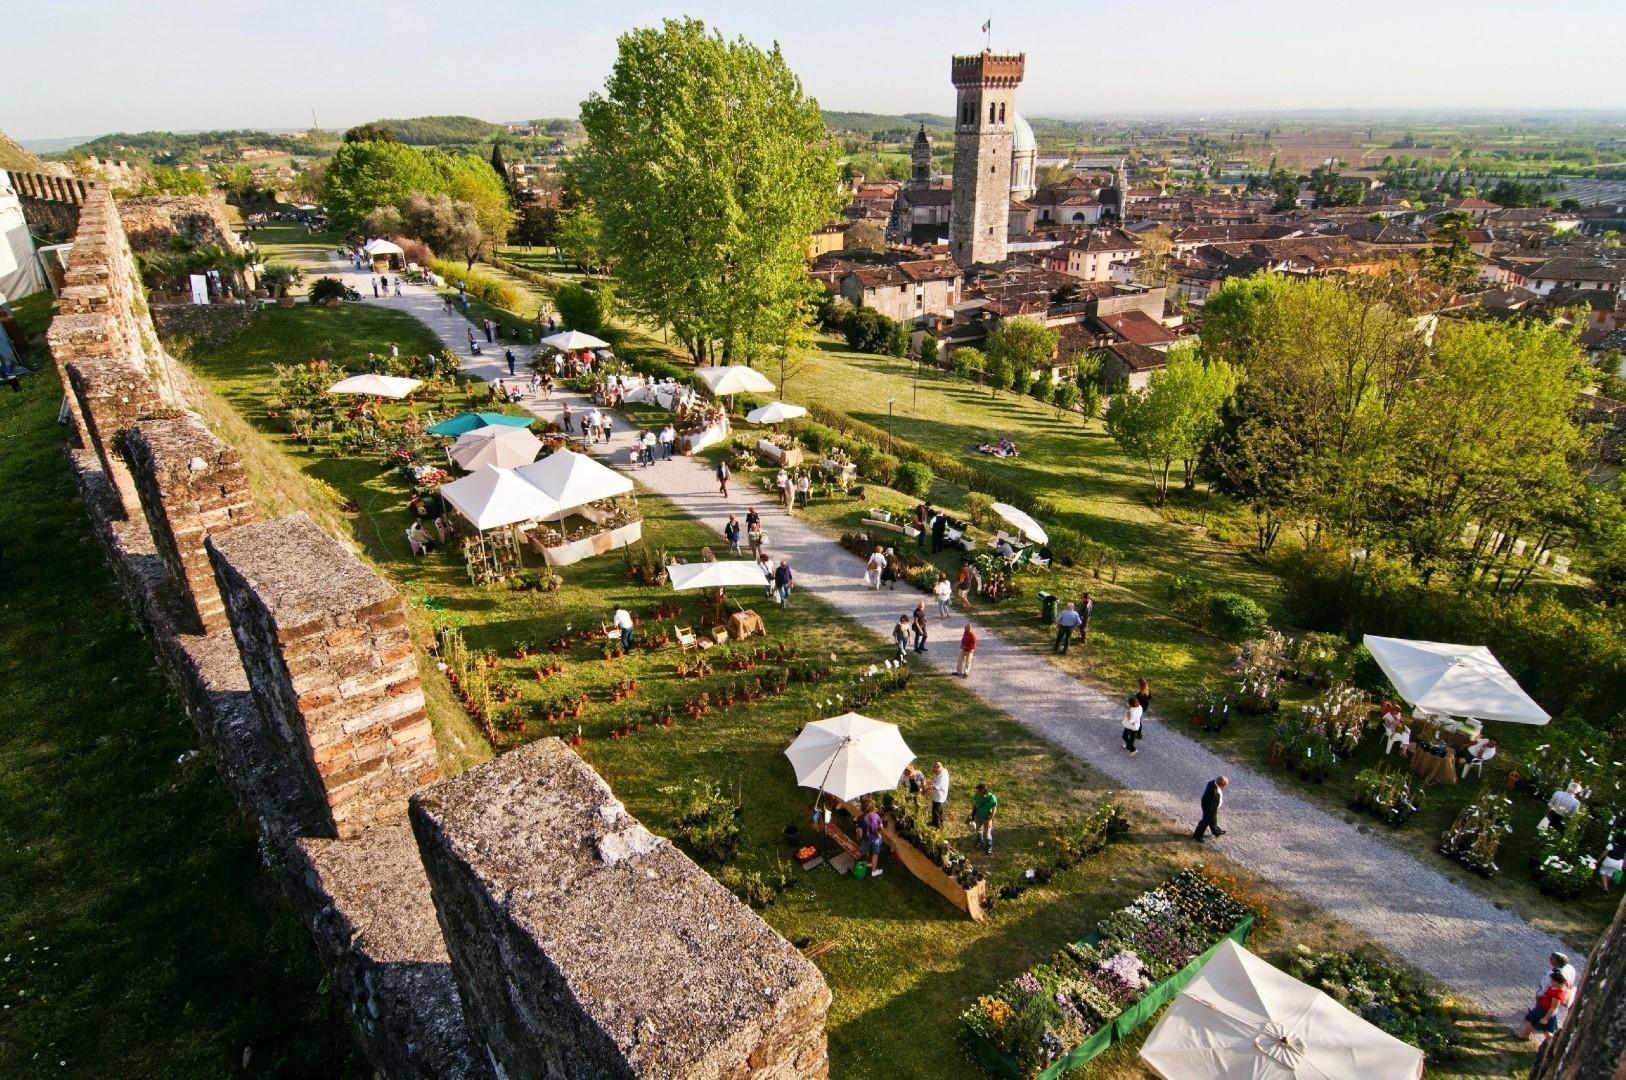 Passione giardinaggio: Fiori nella Rocca a Lonato del Garda